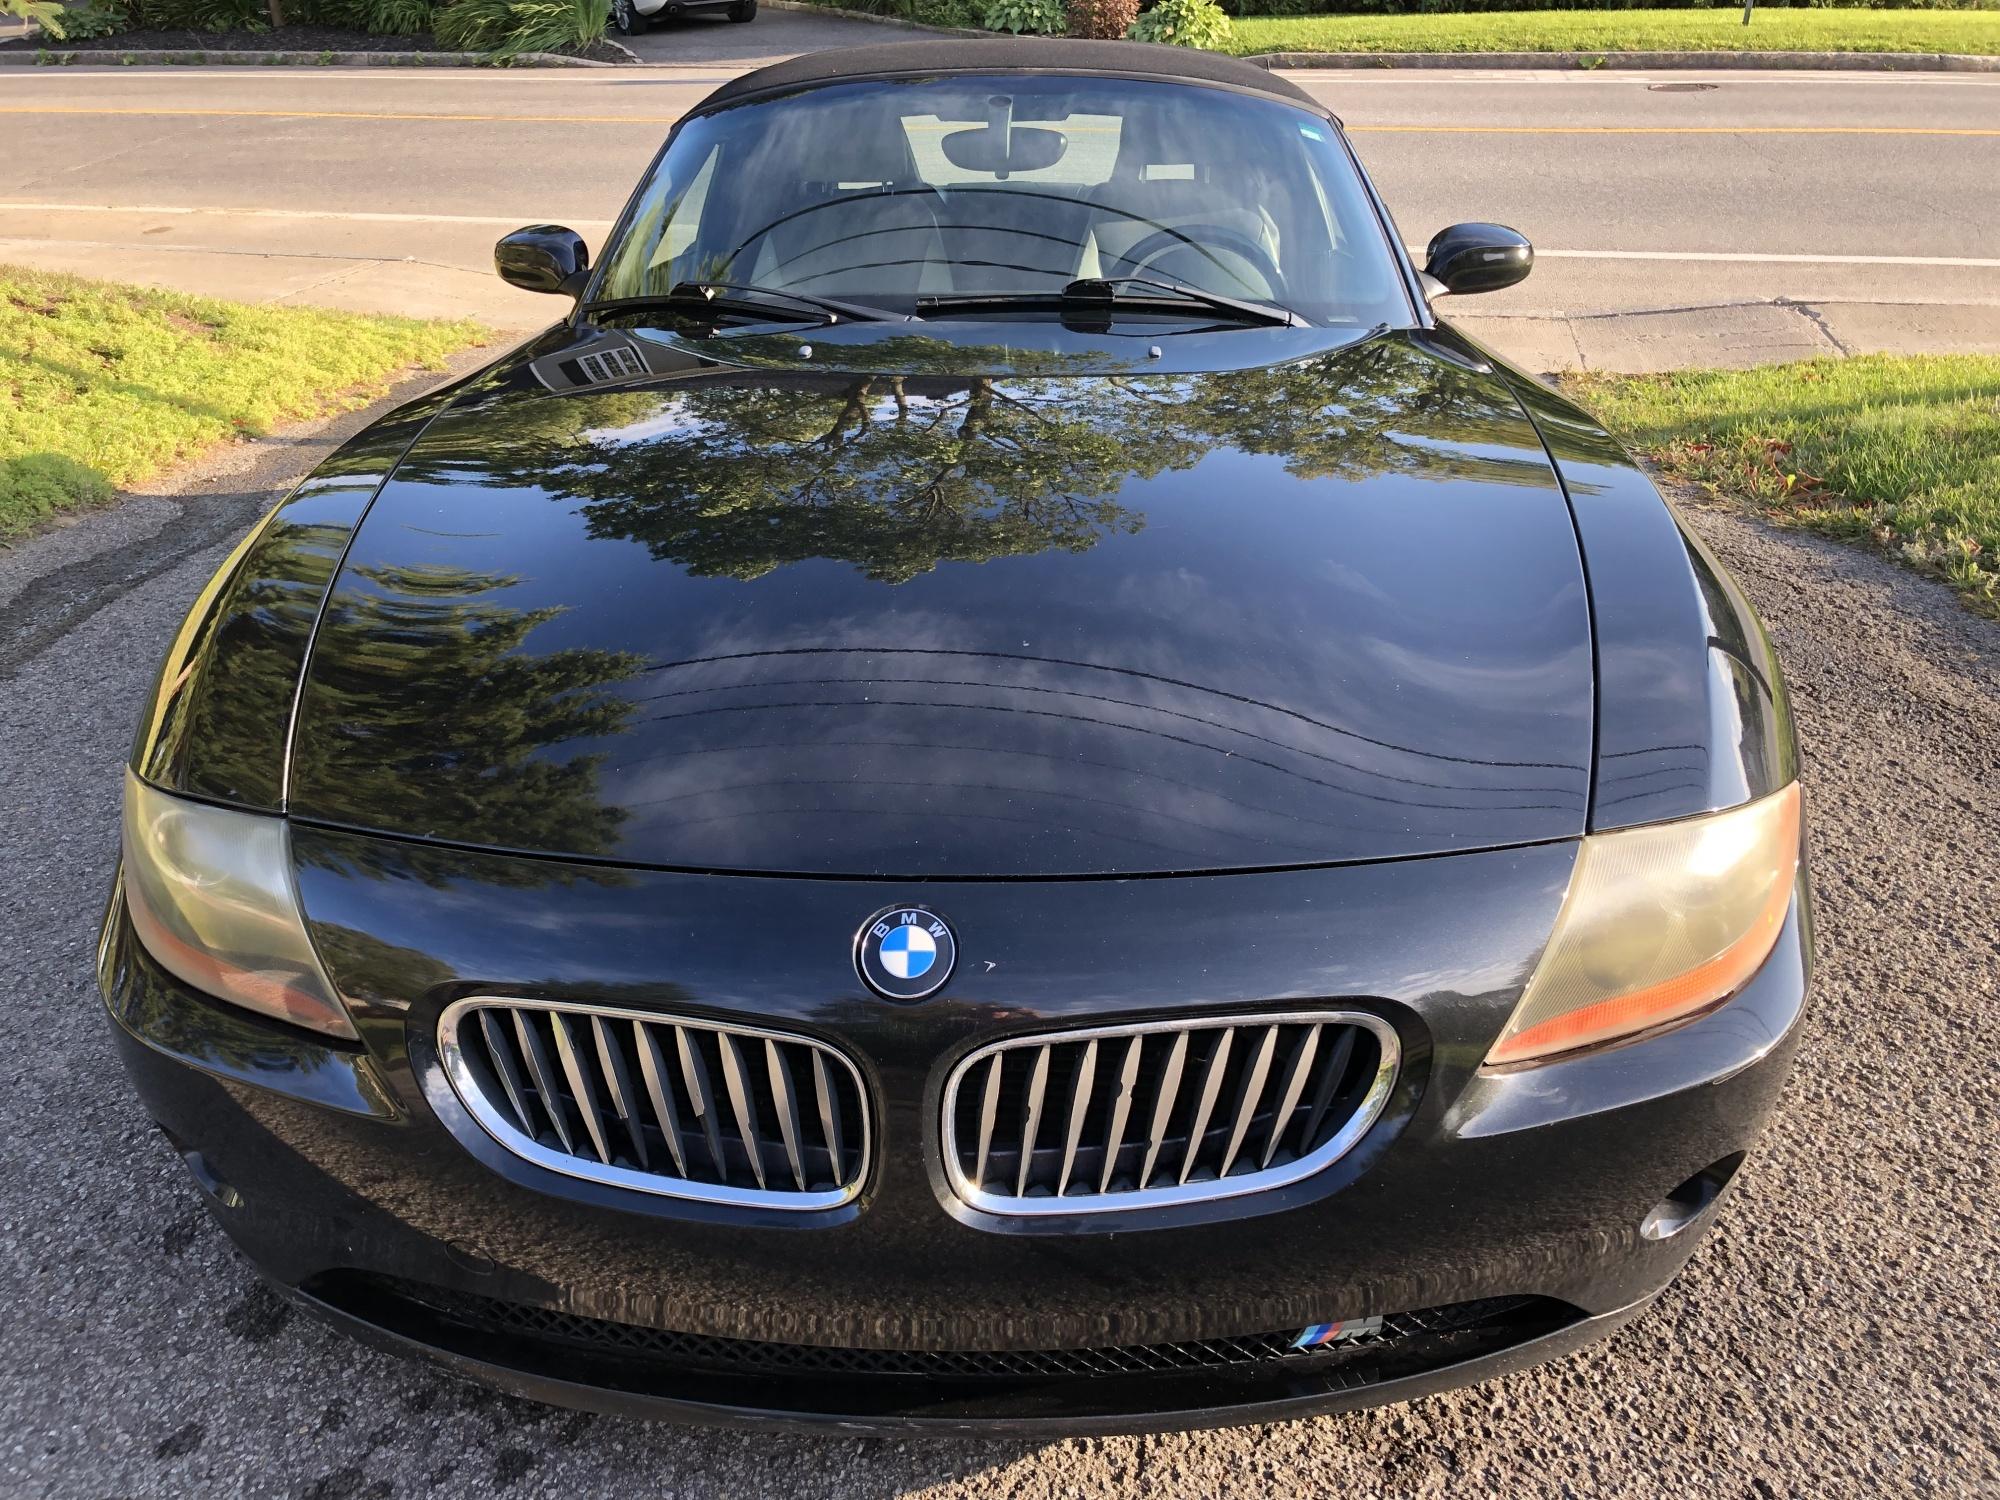 BMW Z4 - Photo 19-09-09 17 41 55